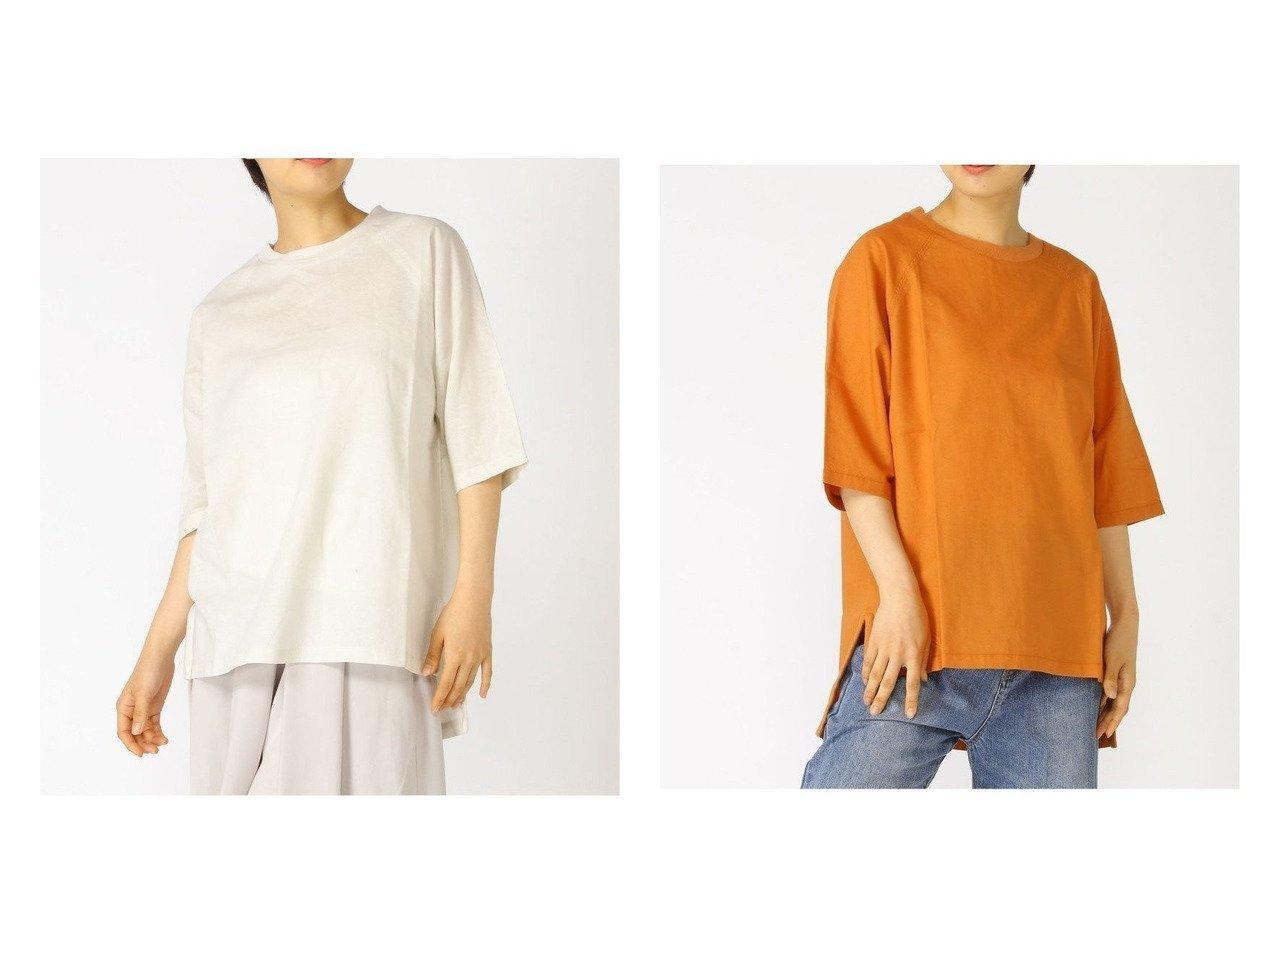 【RNA-N/アールエヌエーエヌ】のB2643 リブカラーTシャツブラウス おすすめ!人気、トレンド・レディースファッションの通販 おすすめで人気の流行・トレンド、ファッションの通販商品 インテリア・家具・メンズファッション・キッズファッション・レディースファッション・服の通販 founy(ファニー) https://founy.com/ ファッション Fashion レディースファッション WOMEN トップス・カットソー Tops/Tshirt シャツ/ブラウス Shirts/Blouses ロング / Tシャツ T-Shirts S/S・春夏 SS・Spring/Summer スリット ロング 半袖 夏 Summer 春 Spring |ID:crp329100000061974